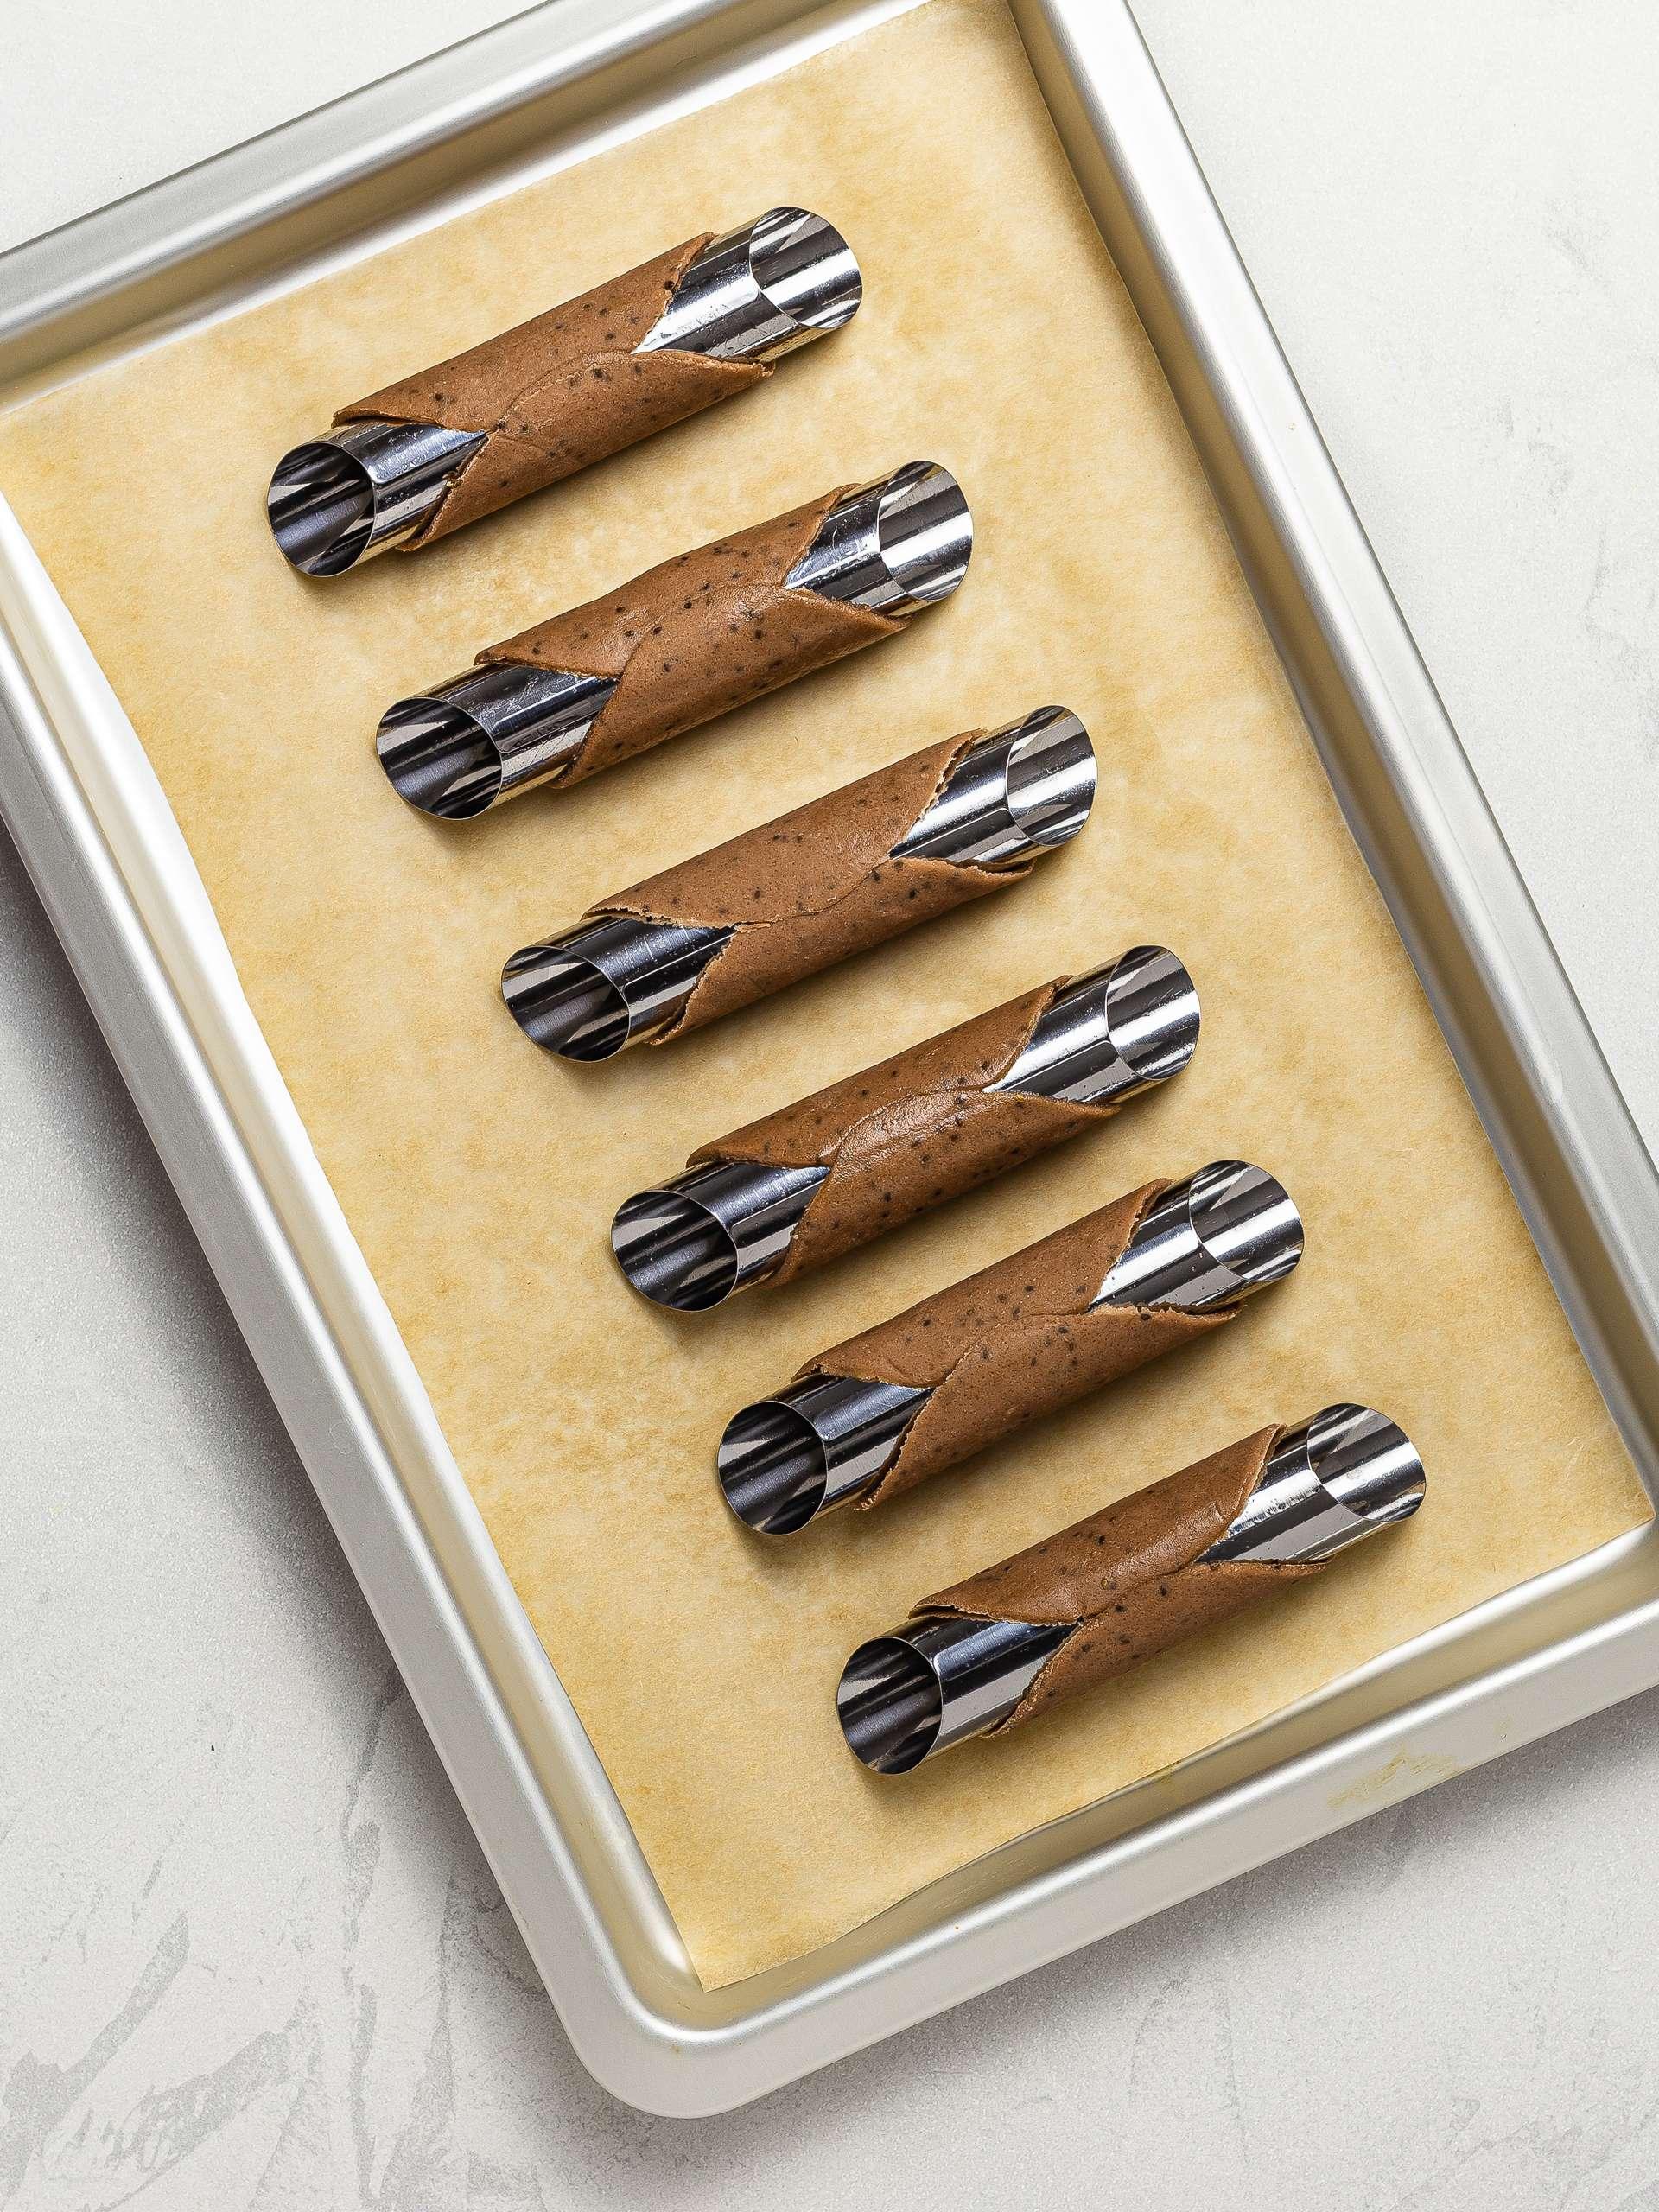 oven-baked cannoli shells